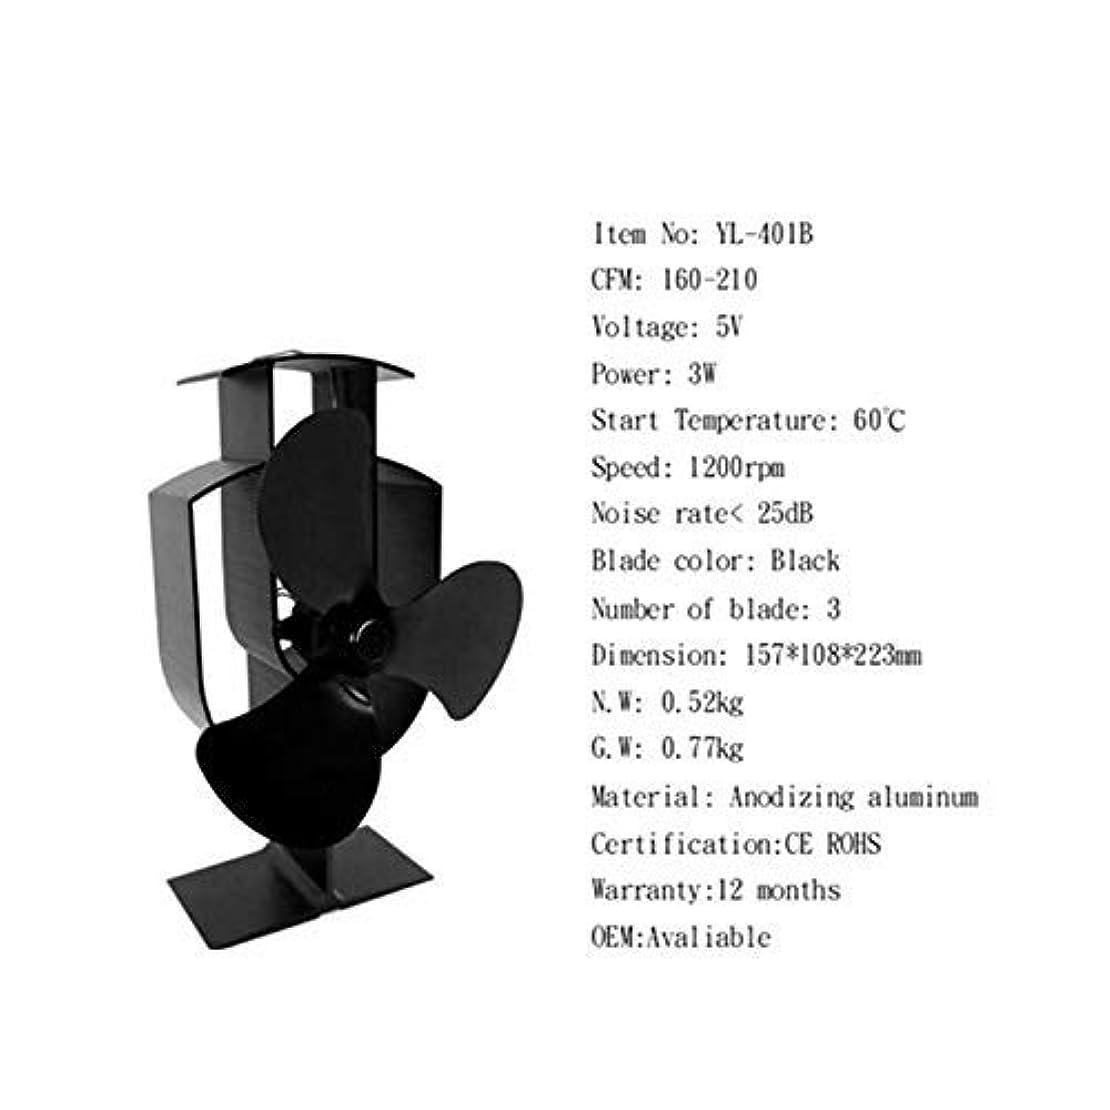 オーバーランとまり木ナチュラル2-5ブレードヒートセルフパワードストーブトップファンアルミニウムサイレントエコフレンドリー燃料セービングfor Wood Log Burner Fireplace Ecofan